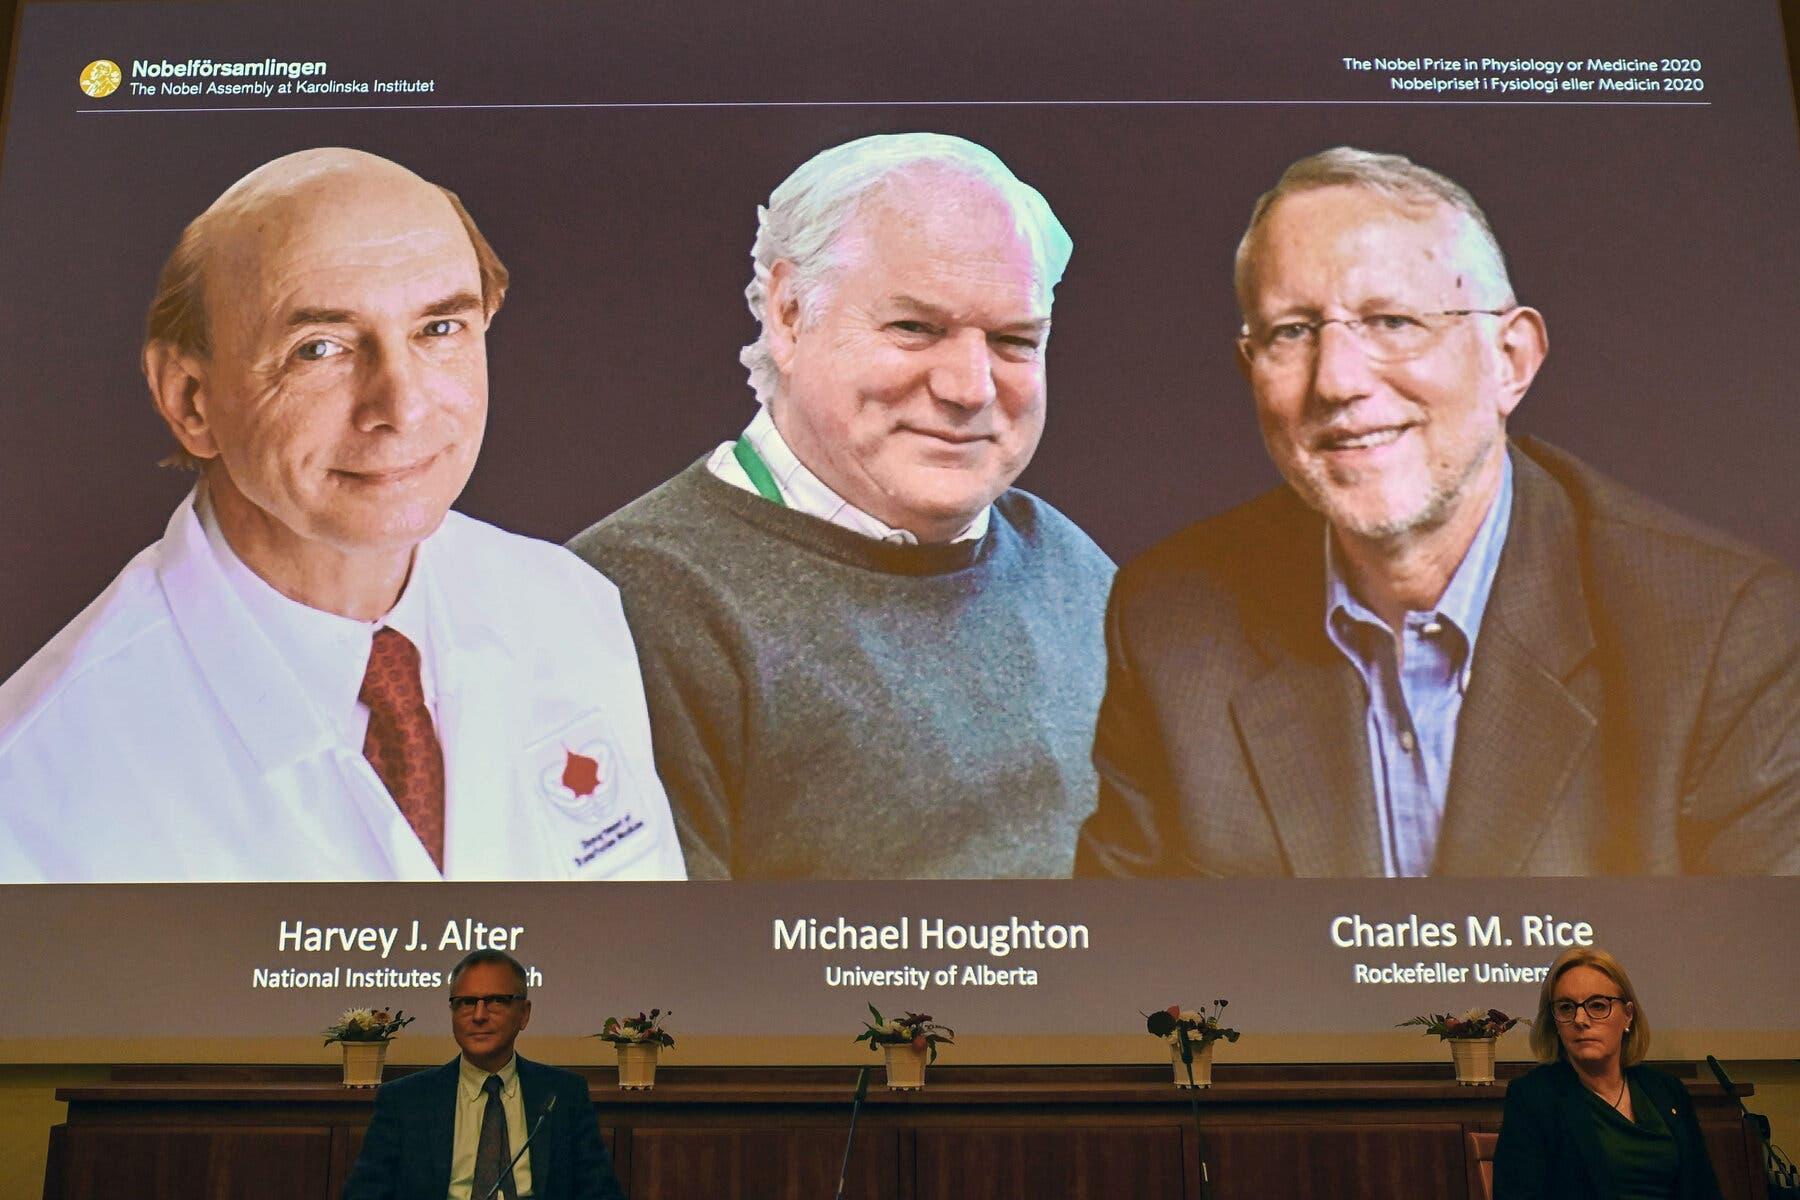 صورة من حفل اختيار الفائزين بنوبل للطب عام 2020